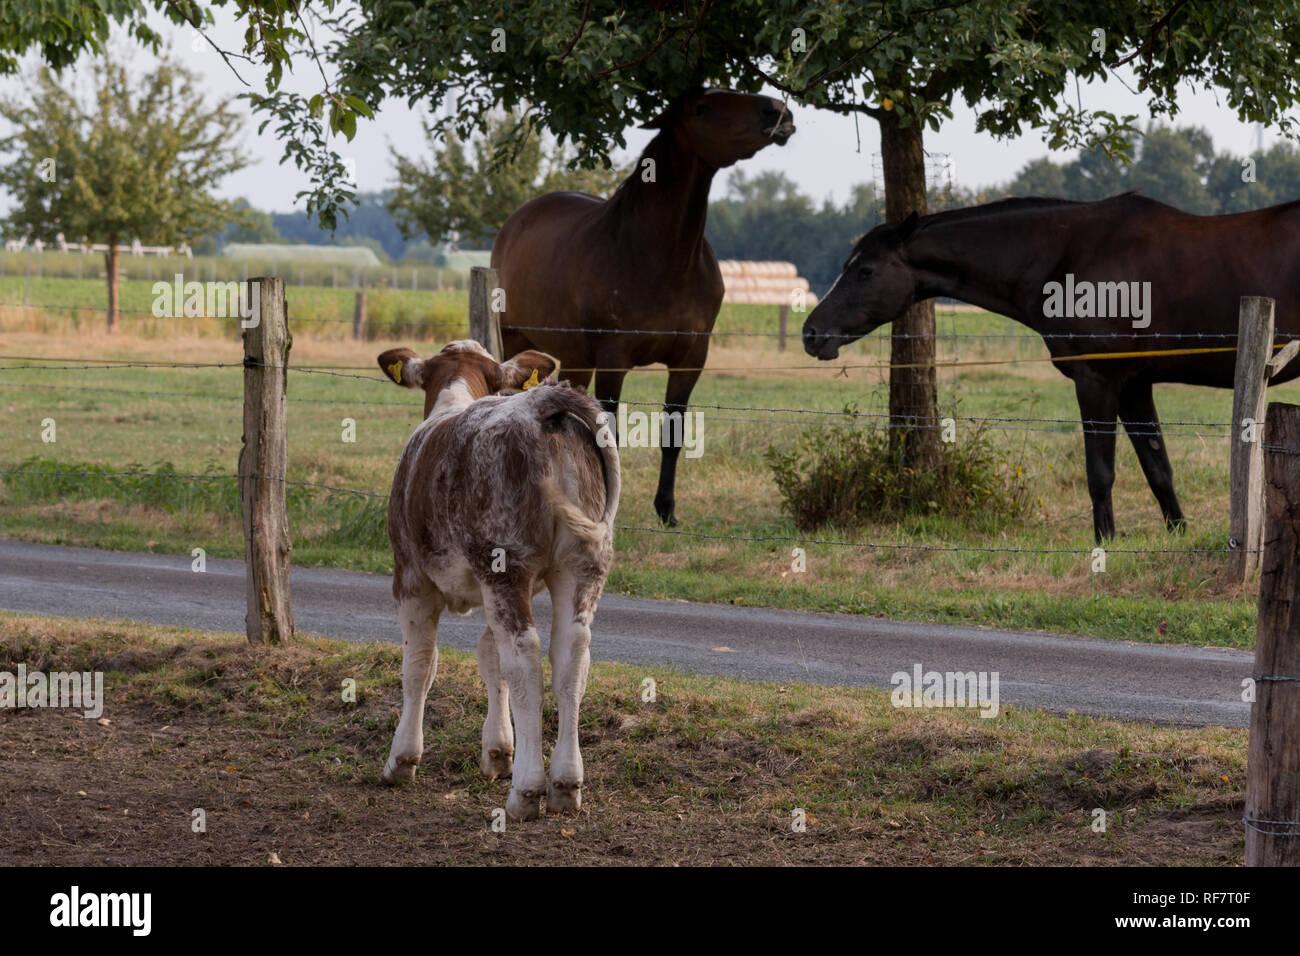 Kalb beobachtet Pferde - Stock Image